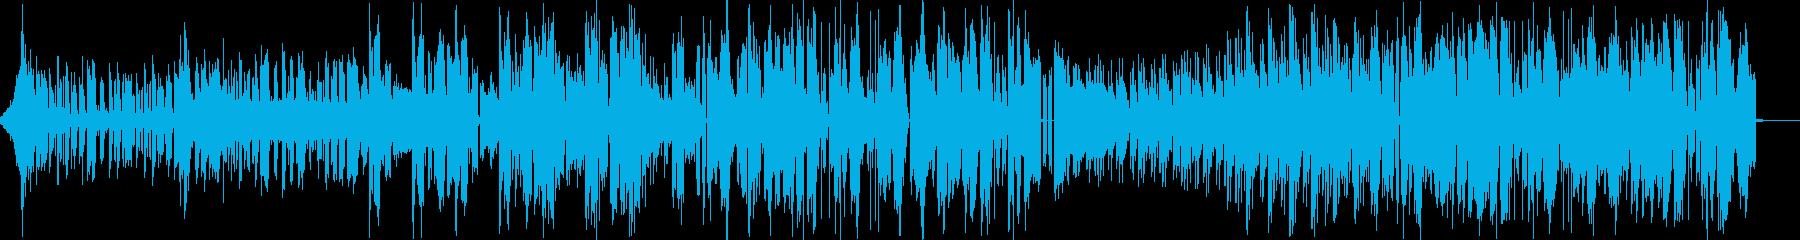 ストレス発散系ブロステップの再生済みの波形